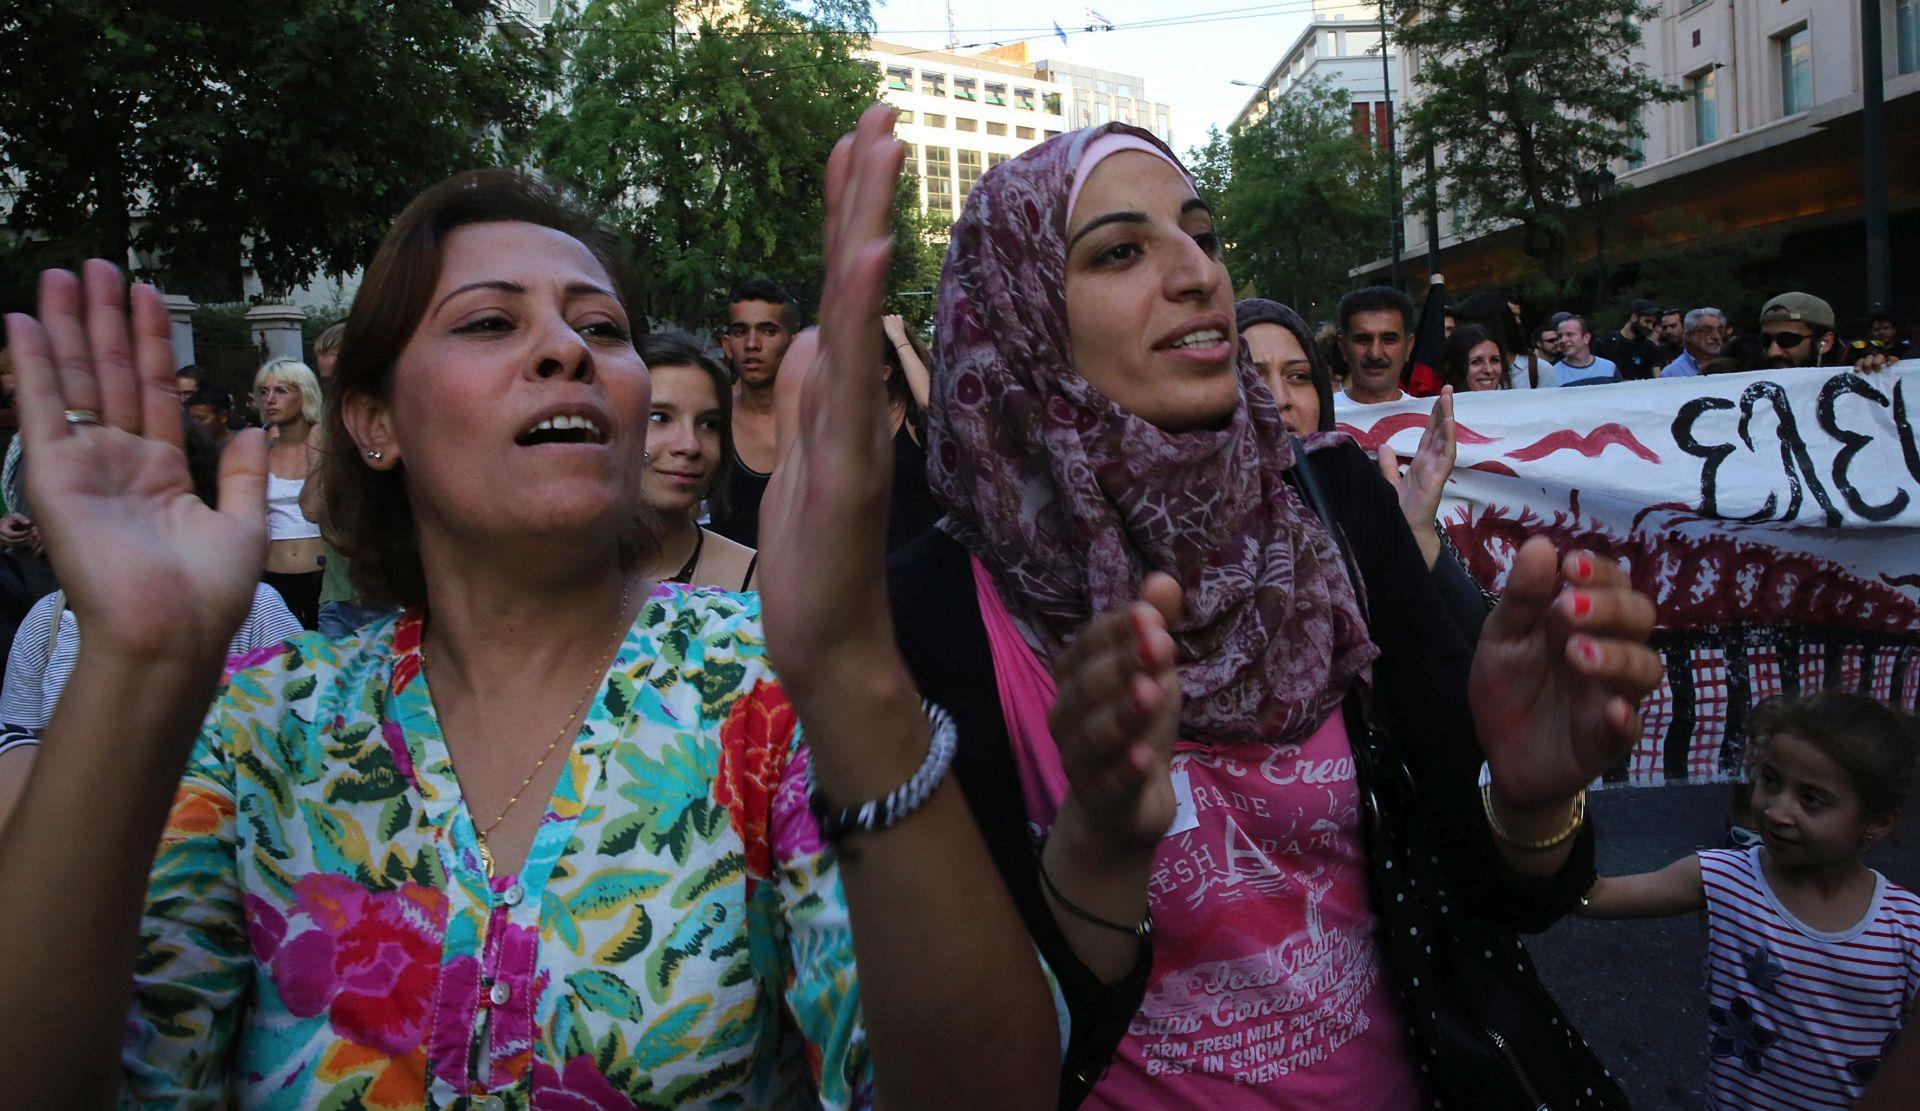 BROJ I DALJE RASTE: U Grčkoj do svibnja 13.500 zahtjeva za azil, 677 odobreno